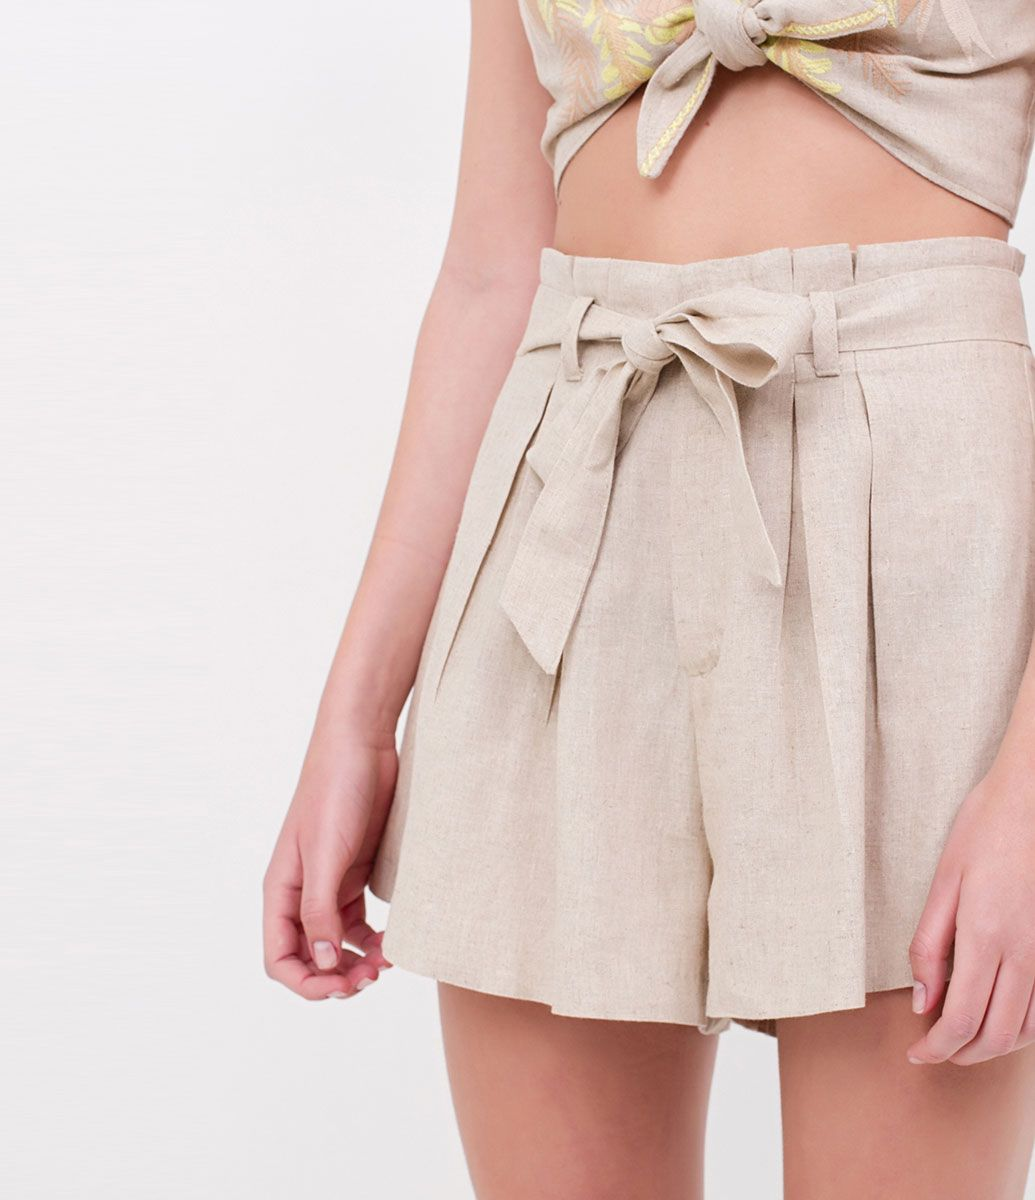 Shorts Saia Feminino Em Tecido De Viscose Com Amarração Lateral preto e branco